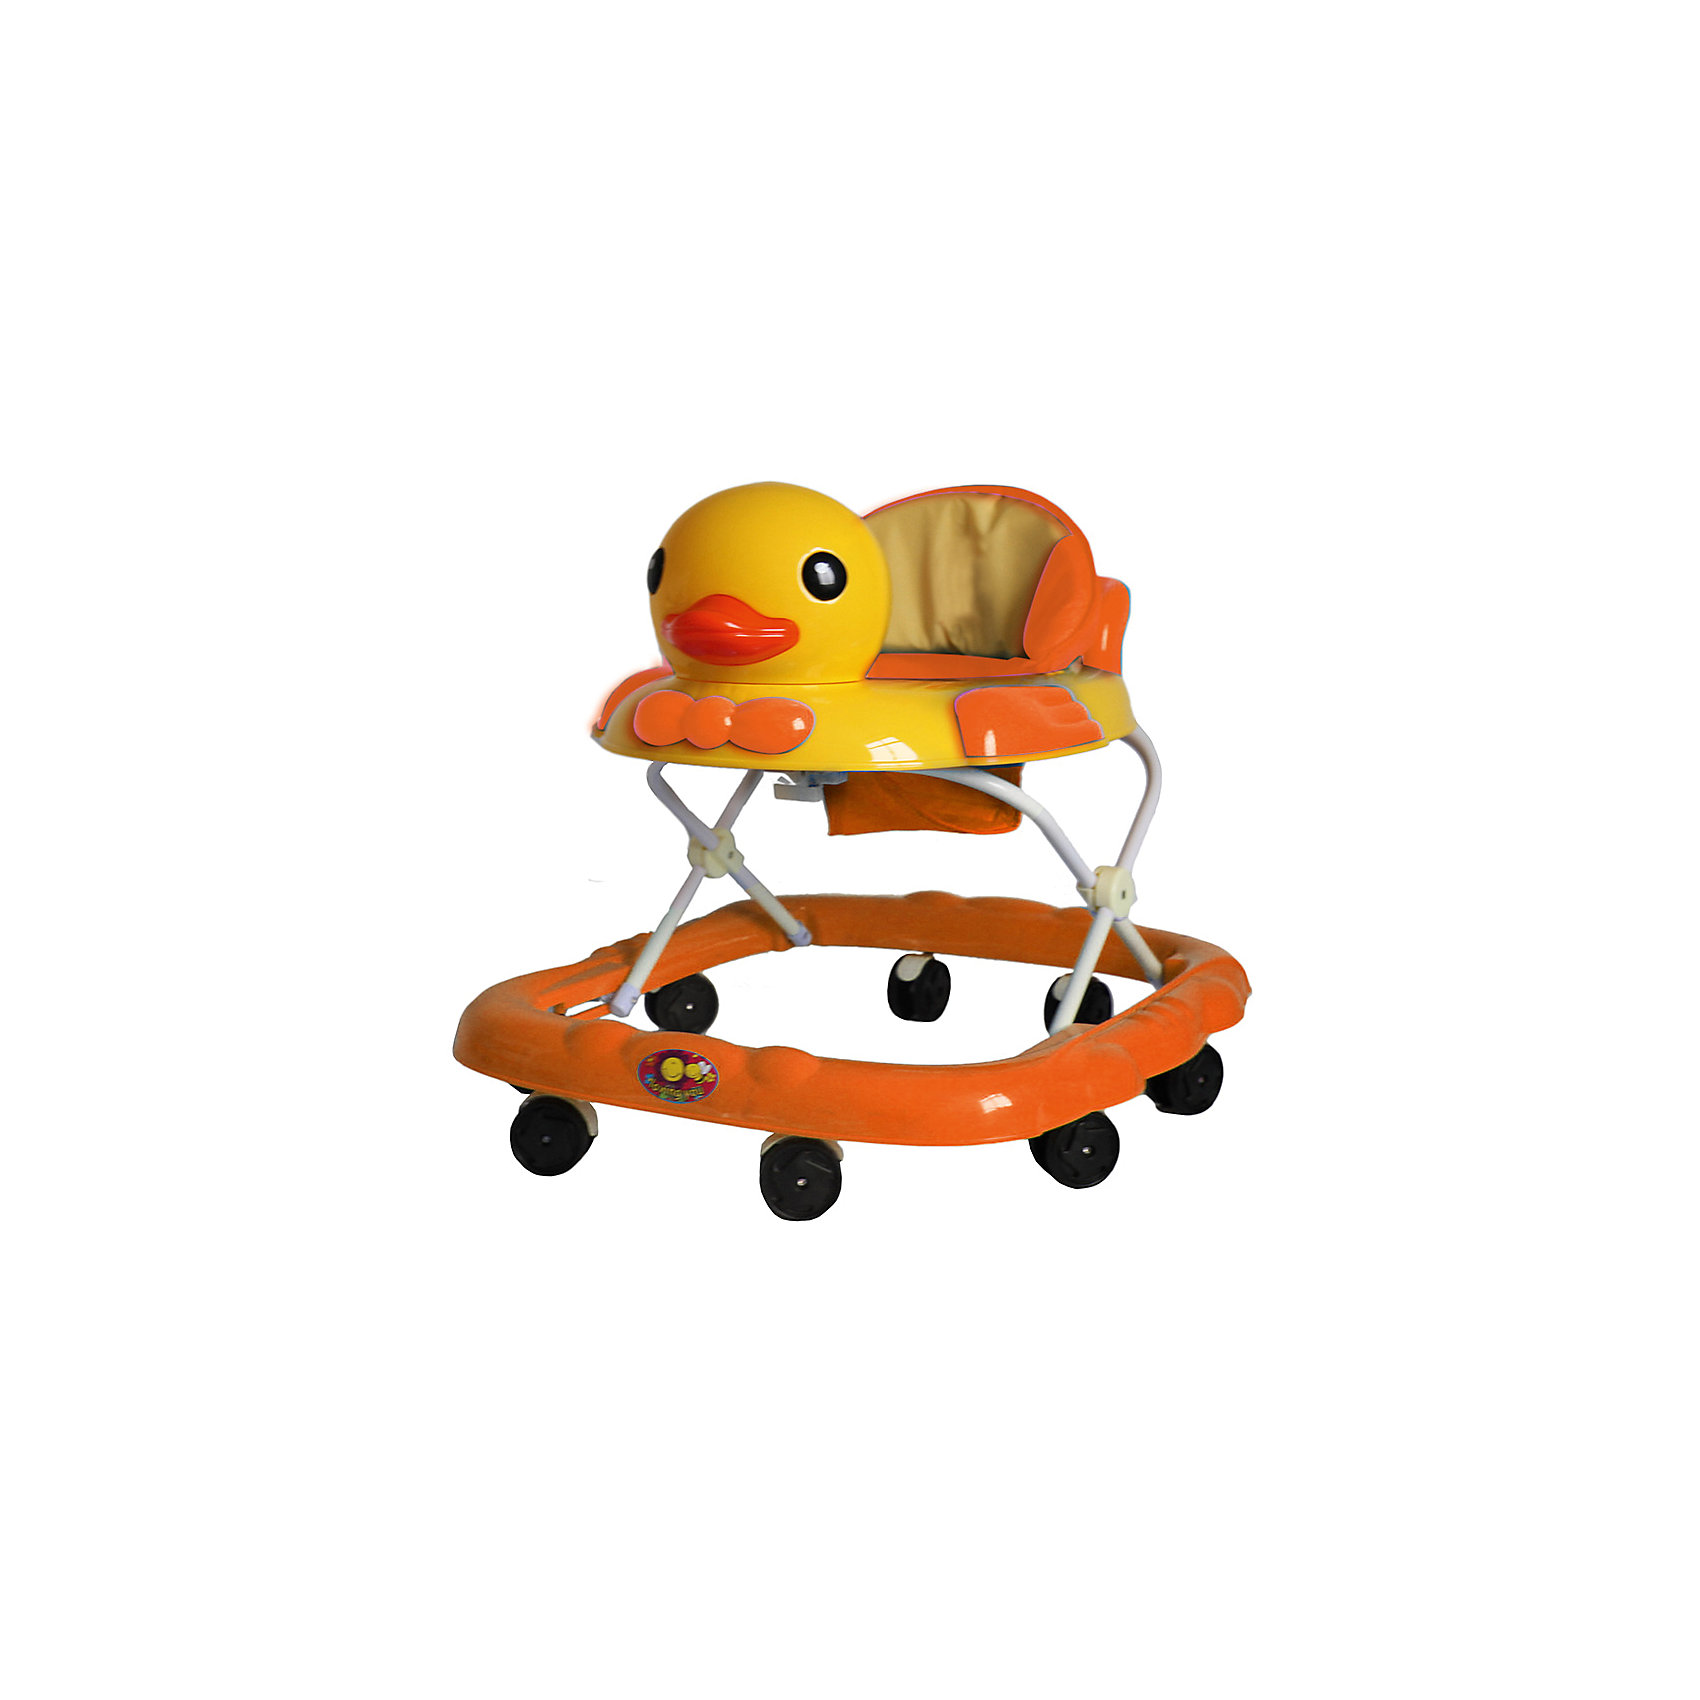 Ходунки Утка, Shine Ring, оранжевыйХодунки<br>Характеристики товара:<br><br>• цвет: оранжевый<br>• возраст: от 6 мес.<br>• 8 поворотных колес<br>• съемная игровая панель<br>• музыкальное сопровождение<br>• мягкое сиденье<br>• 3 положения высоты<br>• 2 батарейки типа (AA) (в комплект не входит)<br>• размеры: 71x63x55см<br>• вес: 3,4кг<br>• страна производства: Китай<br><br>Ходунки Shine Ring - это отличное приобретение, которое поможет вашему малышу сделать свои первые шаги. <br><br>Большое количество поворотных колес прекрасно распределят вес малыша. <br><br>Широкое основание придает отличную устойчивость, что обезопасит вашего ребенка. <br><br>Съемная игровая панель сможет развить мелкую моторику. <br><br>Приятное мягкое сидение прочно крепится к раме и не будет доставлять дискомфорт во время использования.<br><br>Ходунки Утка, Shine Ring можно купить в нашем интернет-магазине.<br><br>Ширина мм: 670<br>Глубина мм: 600<br>Высота мм: 510<br>Вес г: 3710<br>Возраст от месяцев: 6<br>Возраст до месяцев: 12<br>Пол: Унисекс<br>Возраст: Детский<br>SKU: 5559209